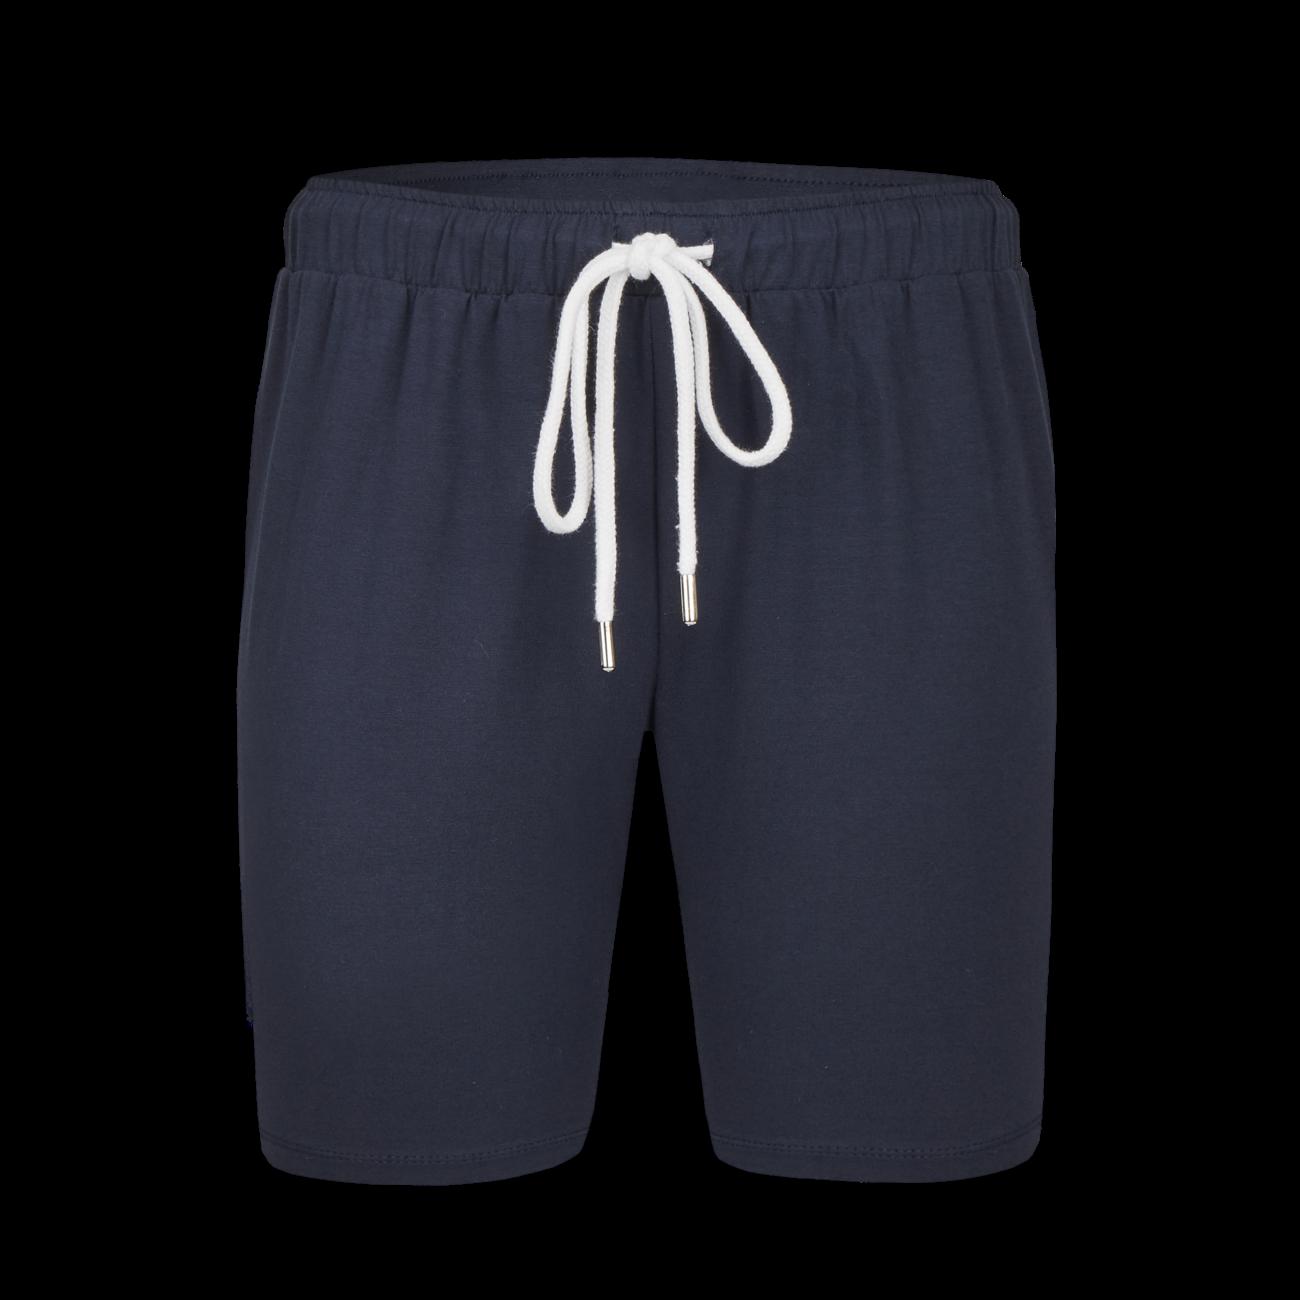 Shorts dark navy   38